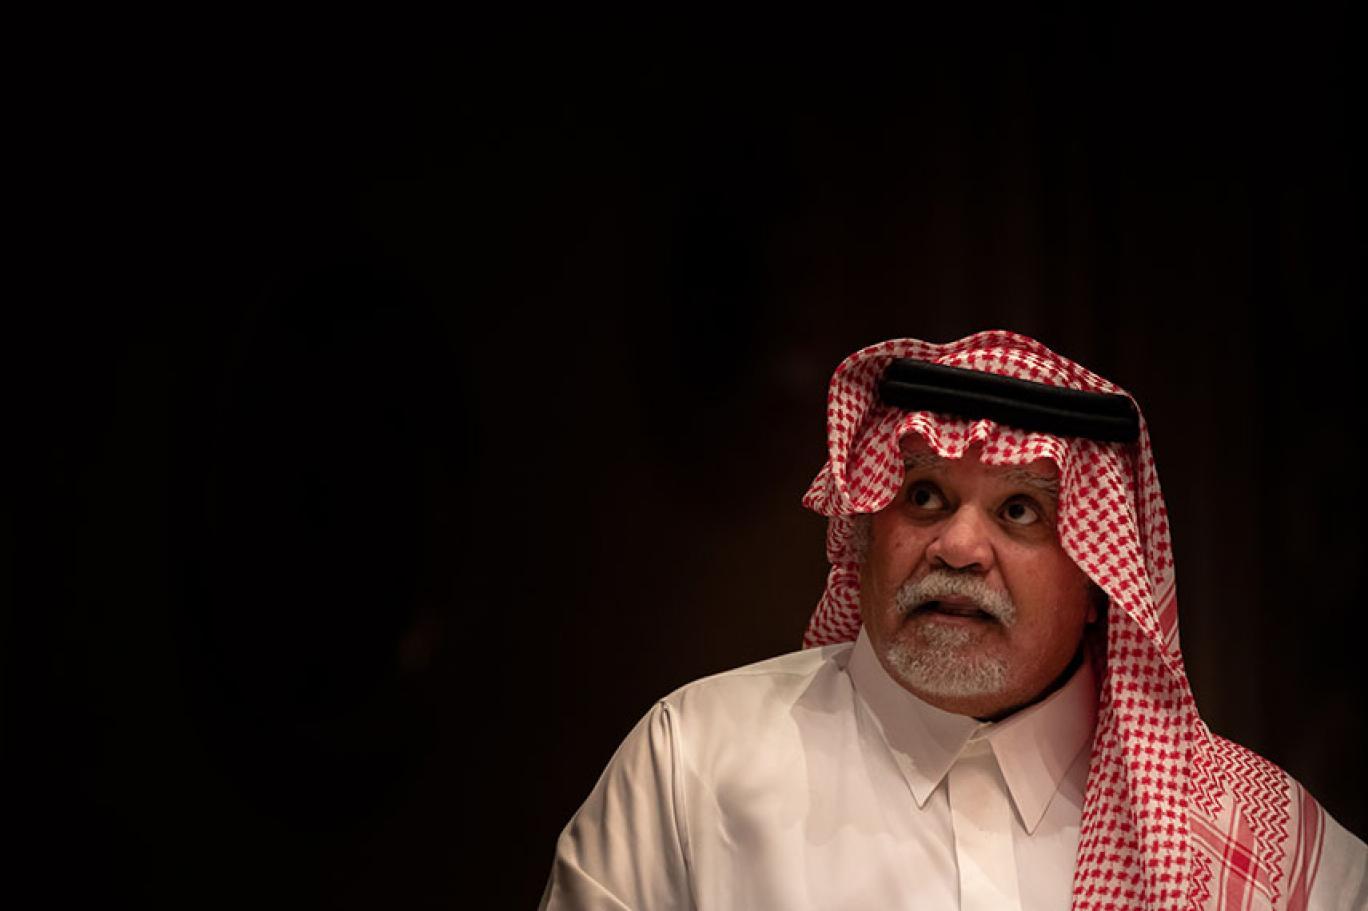 بندر بن سلطان دعمنا صدام في حربه مع إيران بعد تهديدات